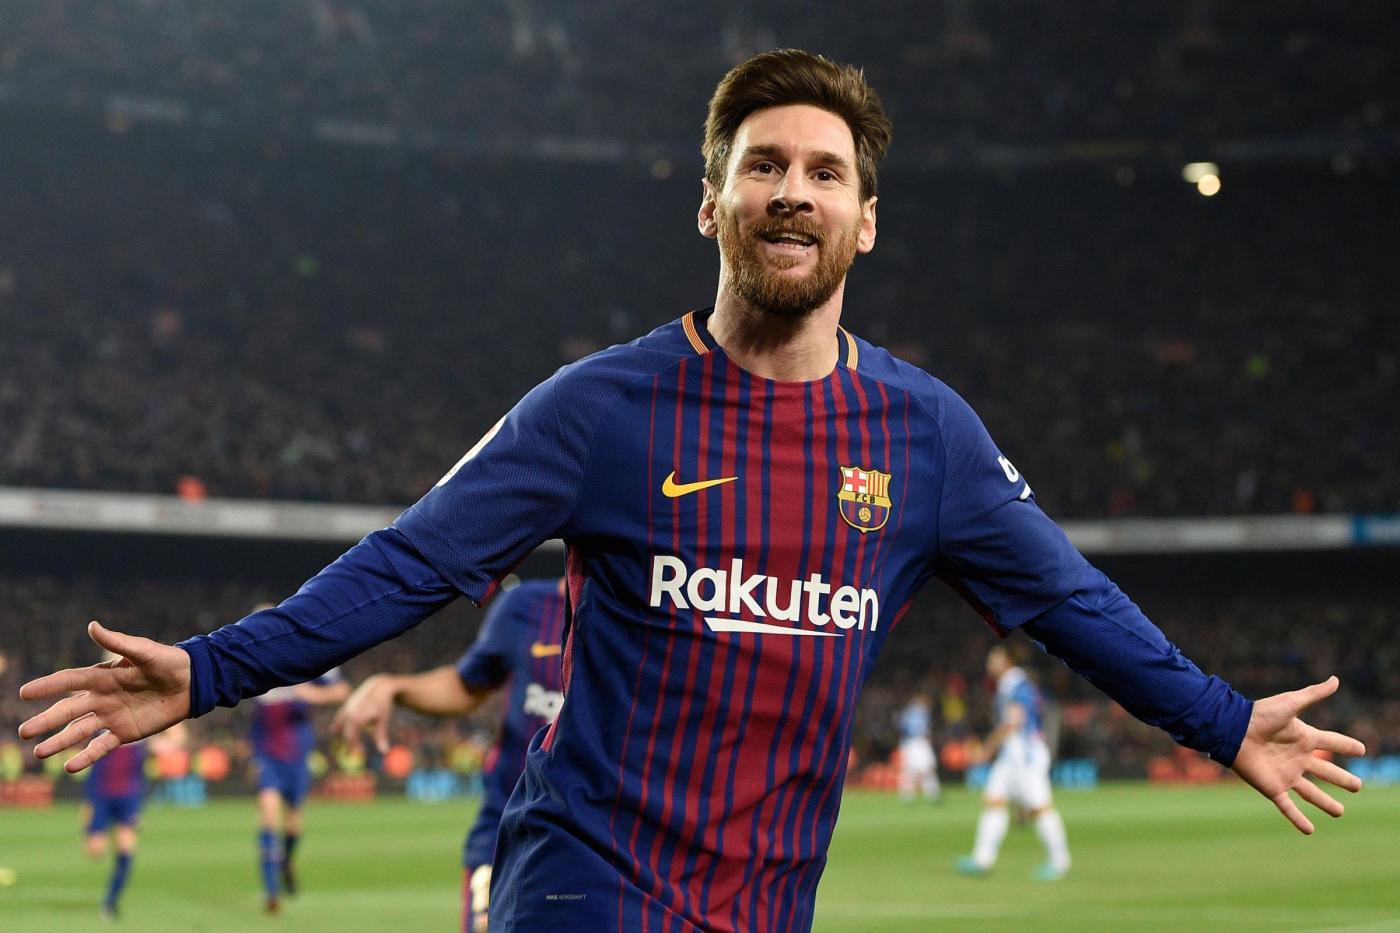 Lione-Barcellona 19 febbraio: si gioca l'andata degli ottavi di finale della Champions League. Barca favorito nel doppio confronto.